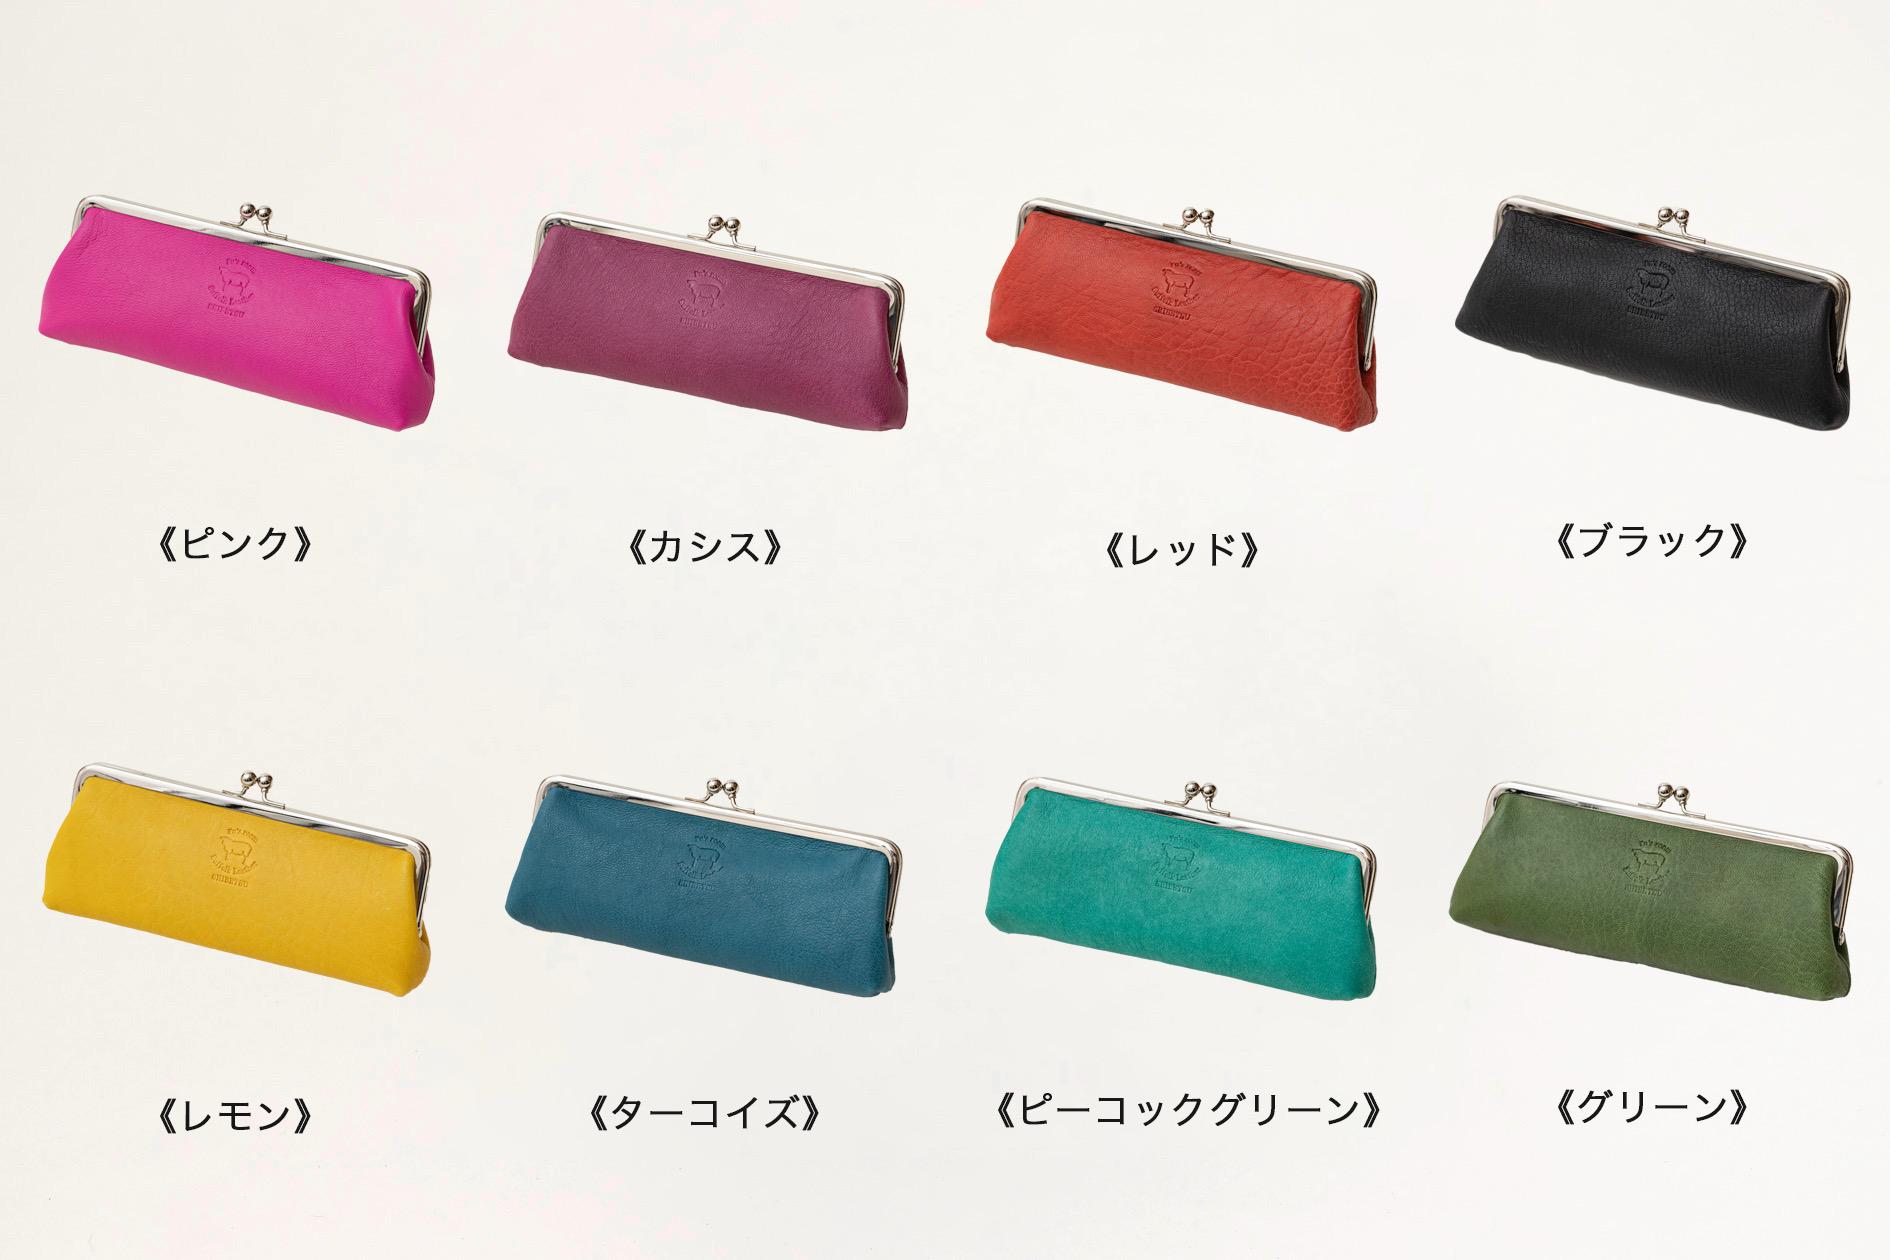 Fu's roomのサフォークレザーの「がま口(ロングサイズ)」8種類,カラフルな8色のハンドメイド財布